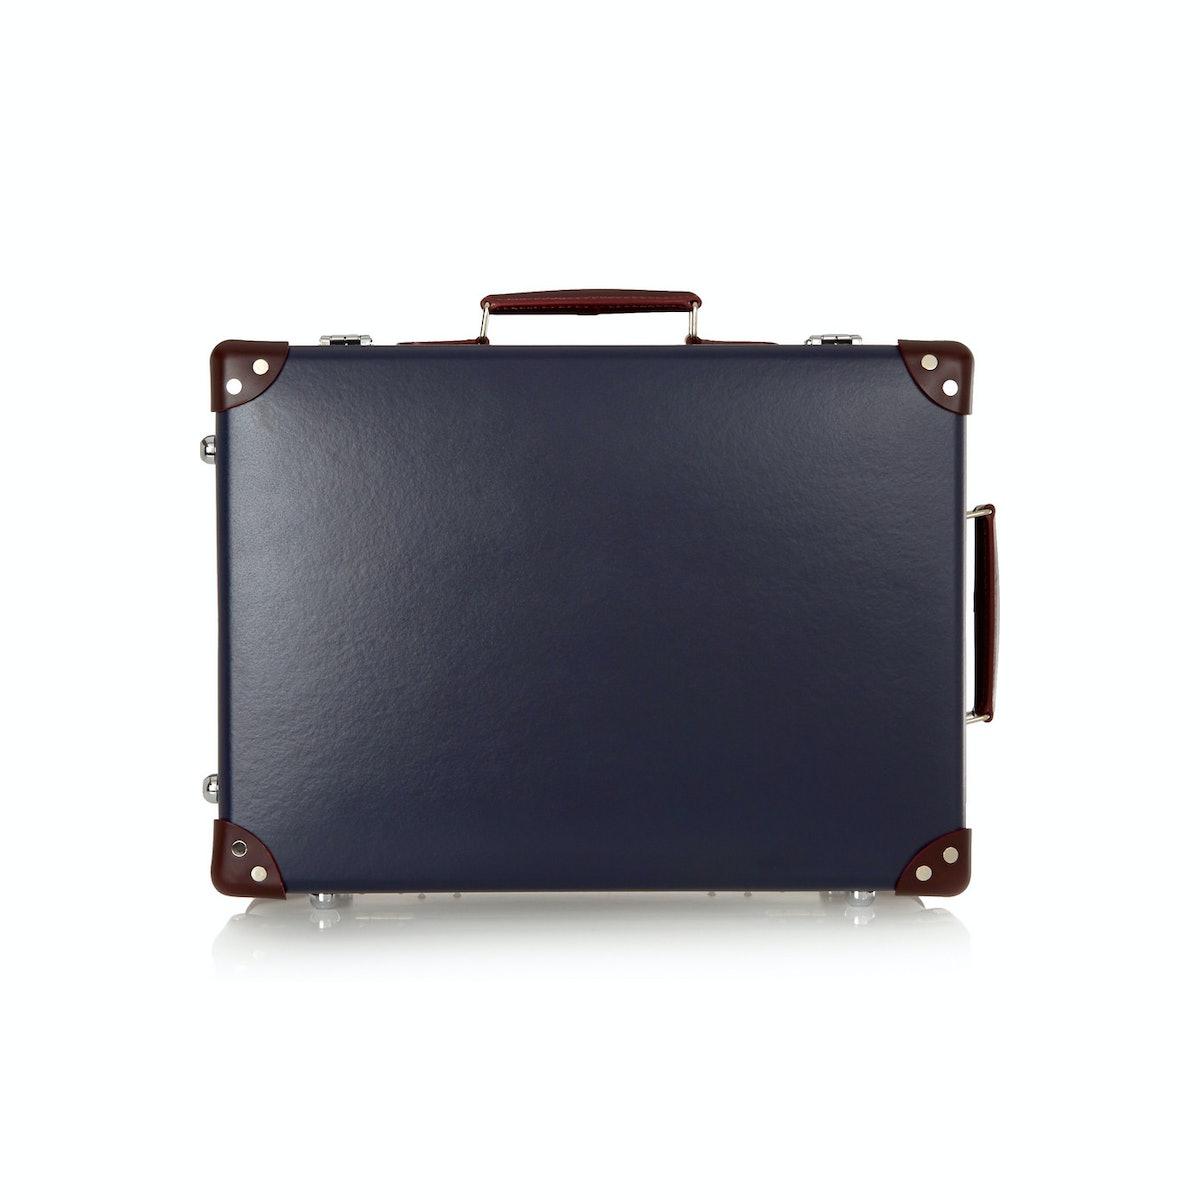 Globe-Trotter-Netaporter-$1680